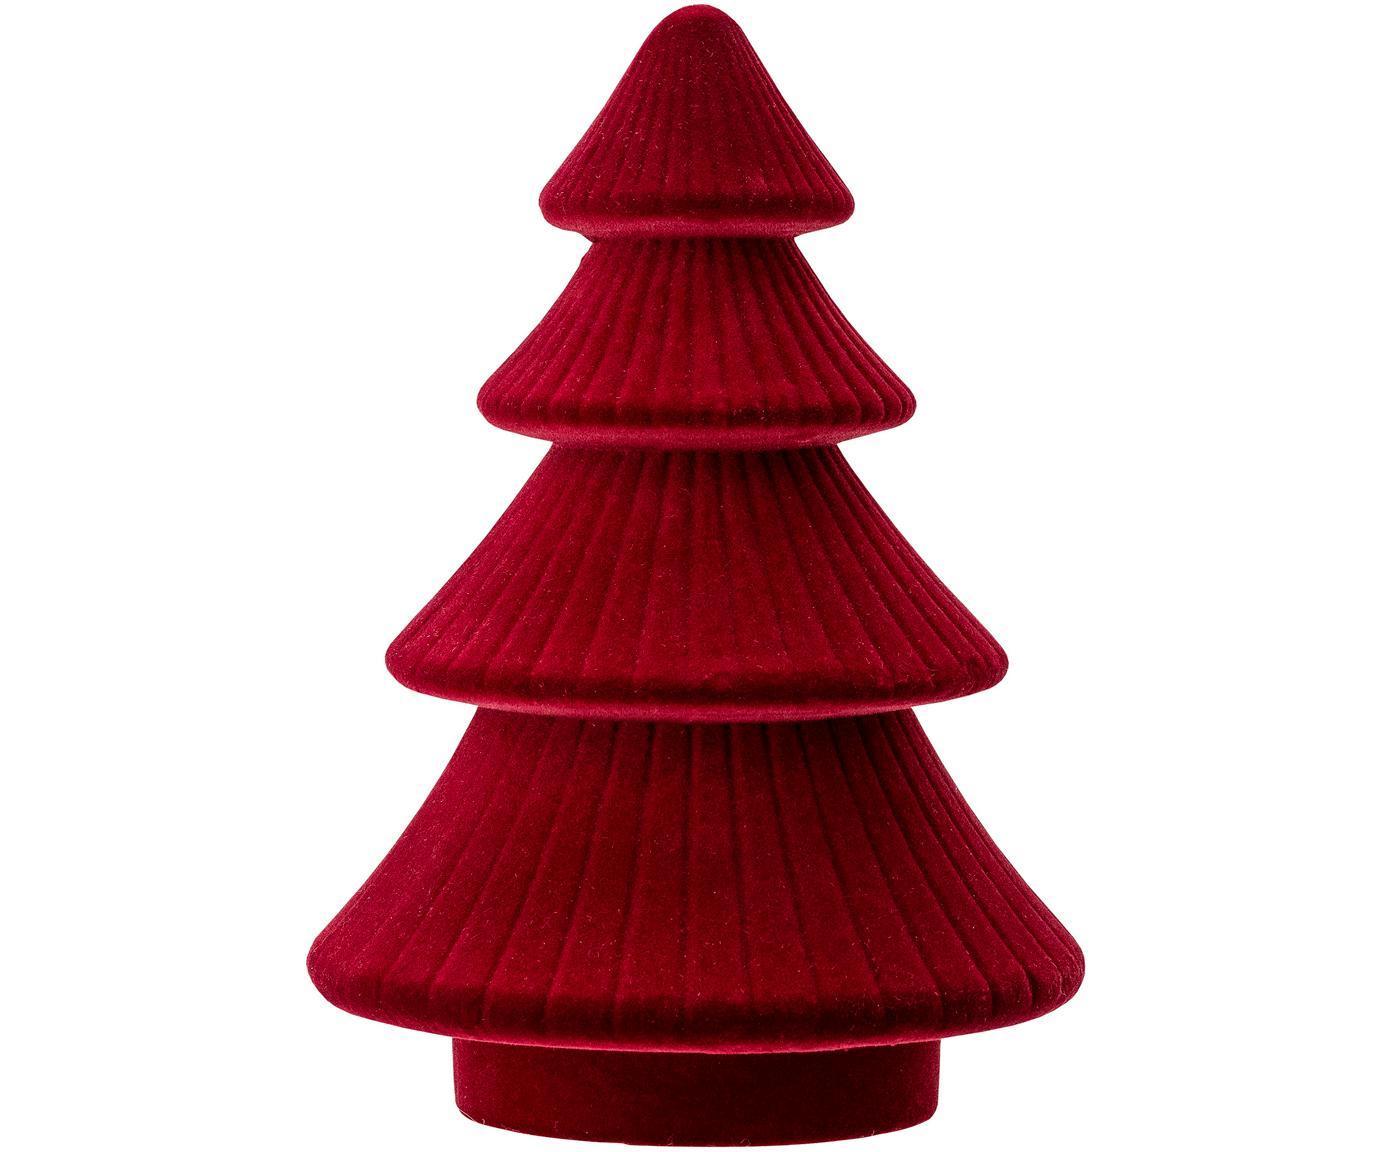 Samt-Deko-Objekt Tree, Mitteldichte Holzfaserplatte (MDF), Polyestersamt, Rot, Ø 14 x H 20 cm